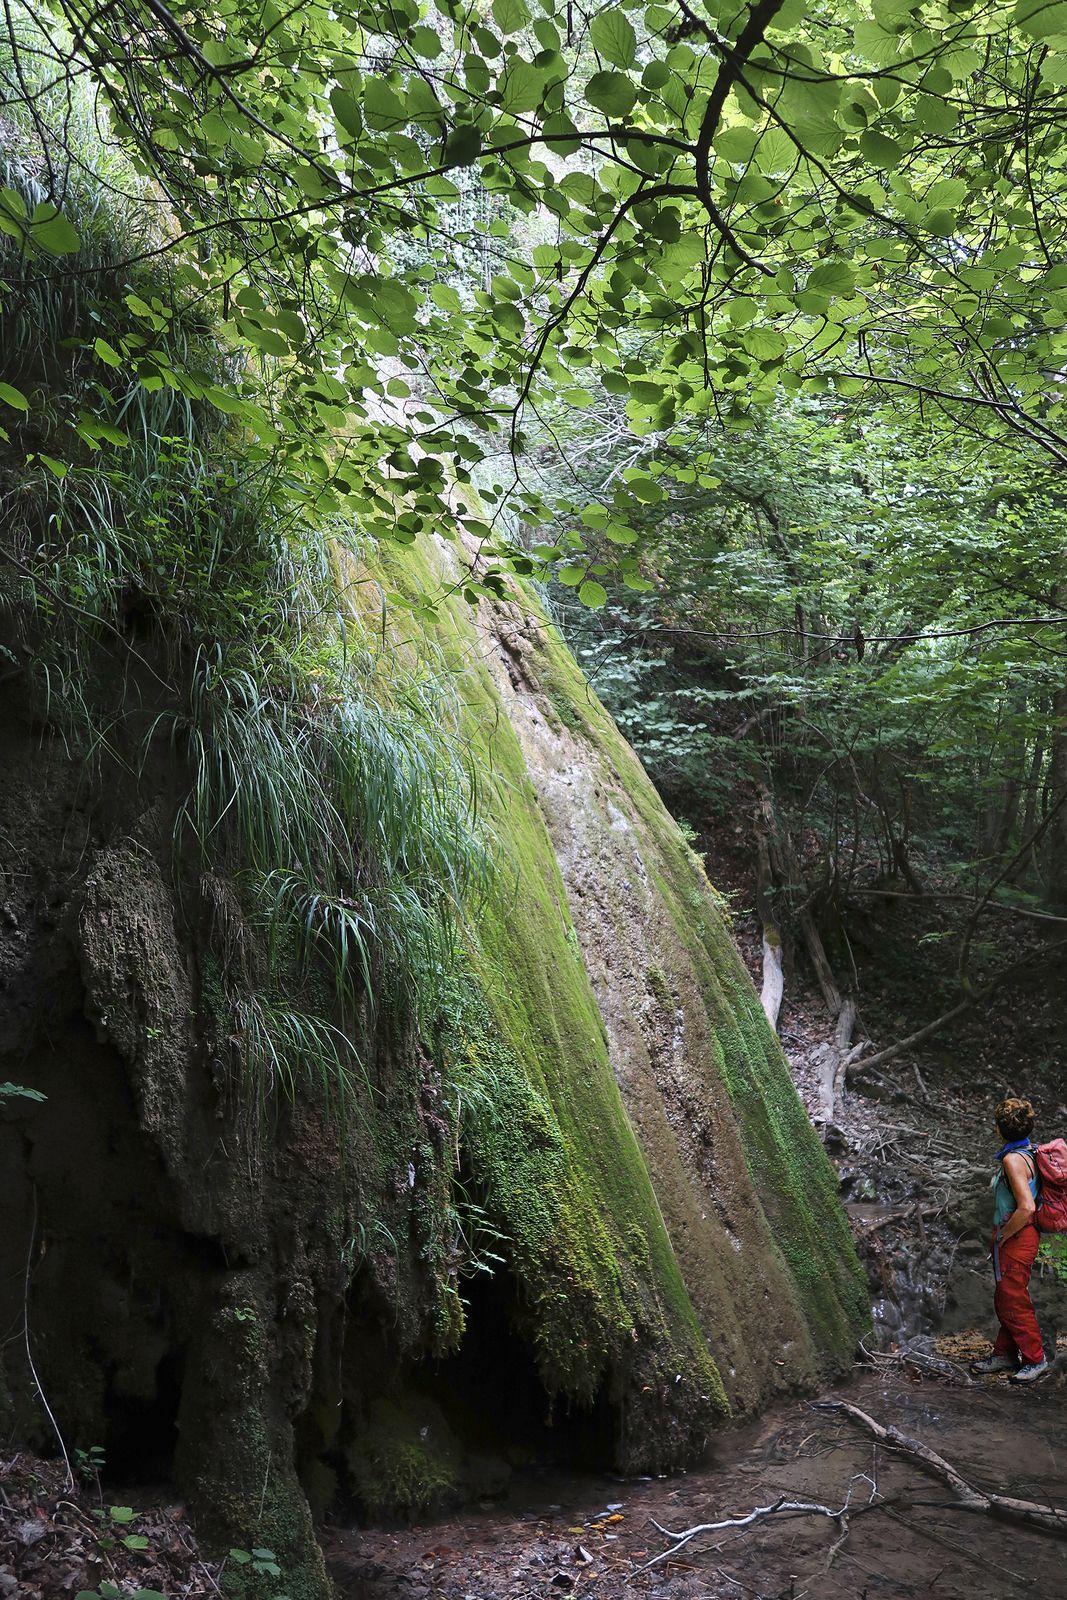 En traversant la Roize au niveau de la nacelle et de son câble, on peut admirer une jolie petite cascade de tuf.